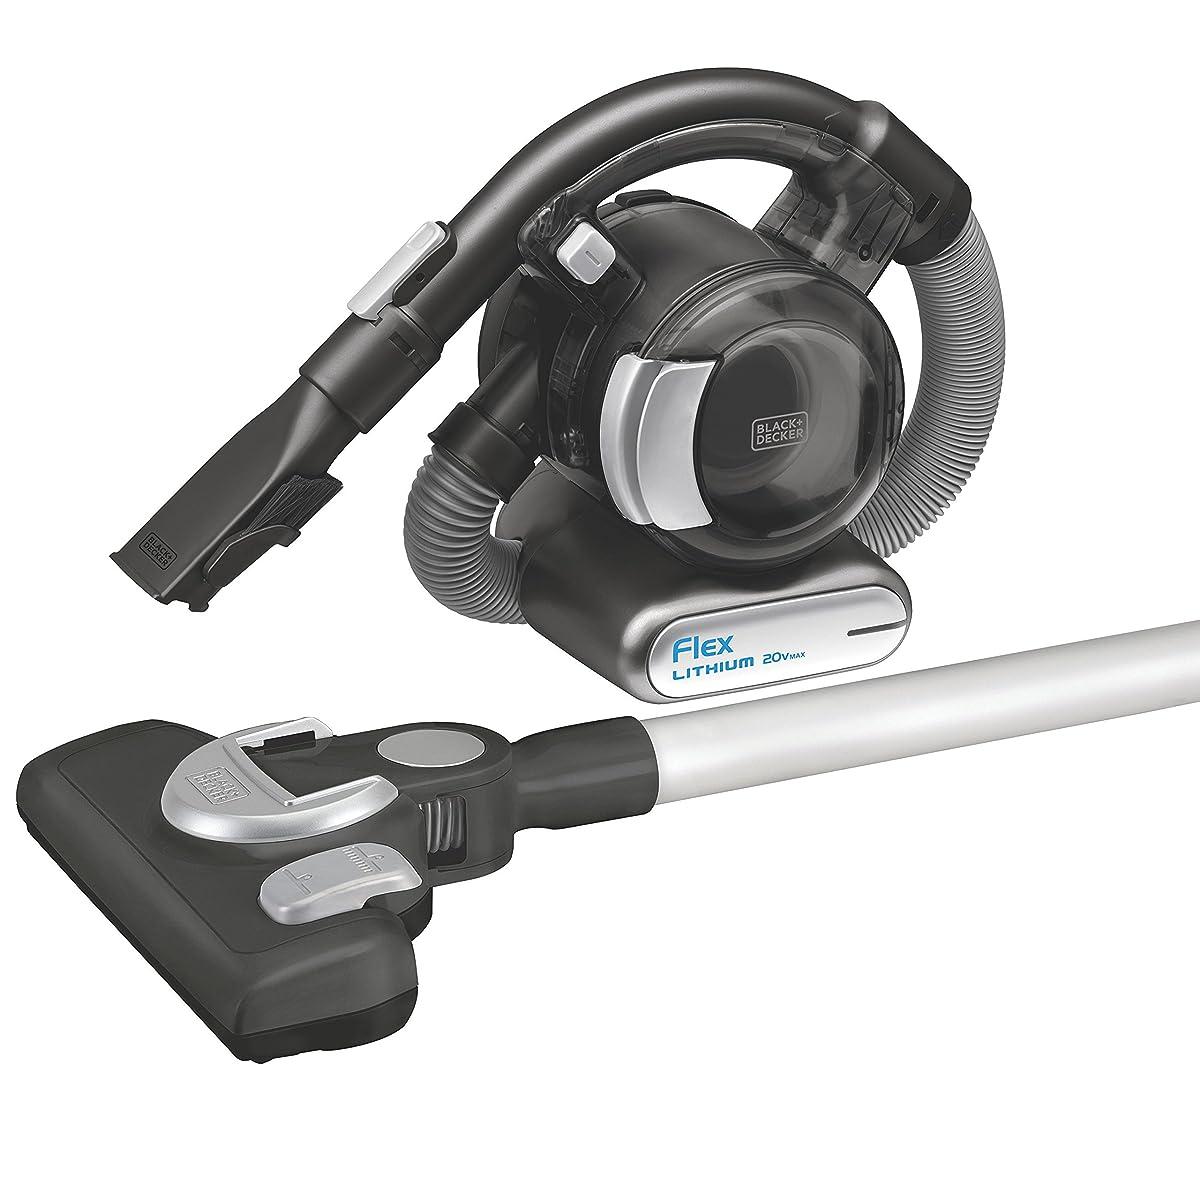 BLACK+DECKER BDH2020FLFH MAX Lithium Flex Vacuum with Stick Vacuum Floor Head and Pet Hair Brush, 20-volt - Cordless